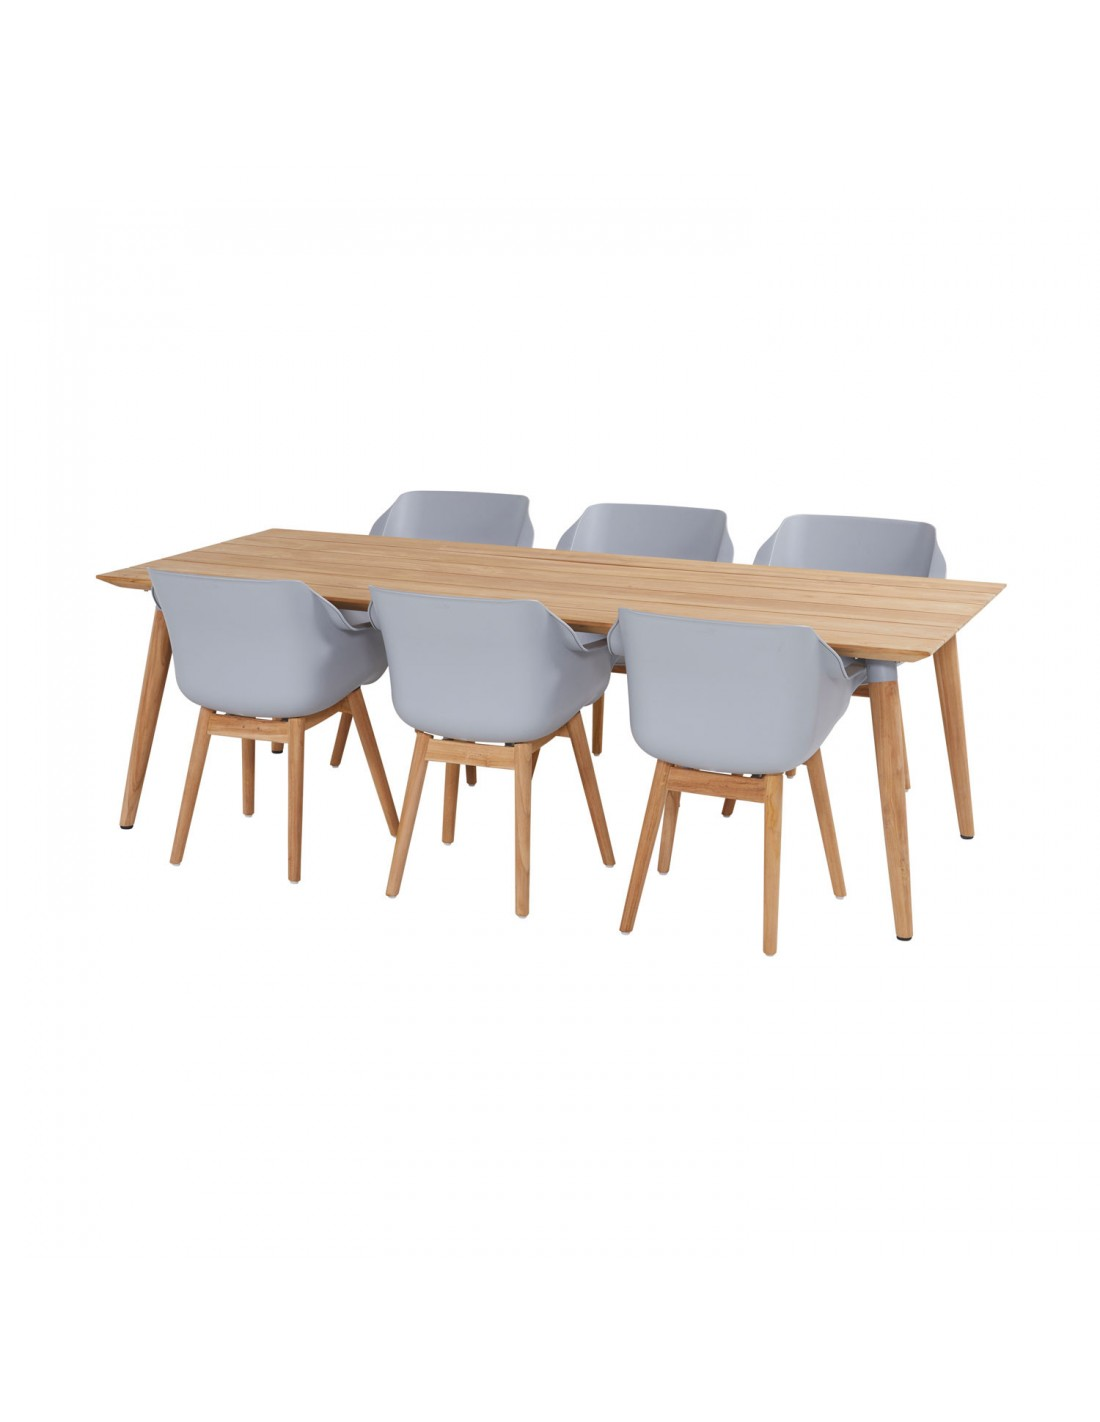 Aanbieding Tuinstoelen Hartman.Hartman Tuinset Sophie Teak Wood Table 240 Met 6 Sophie Wood